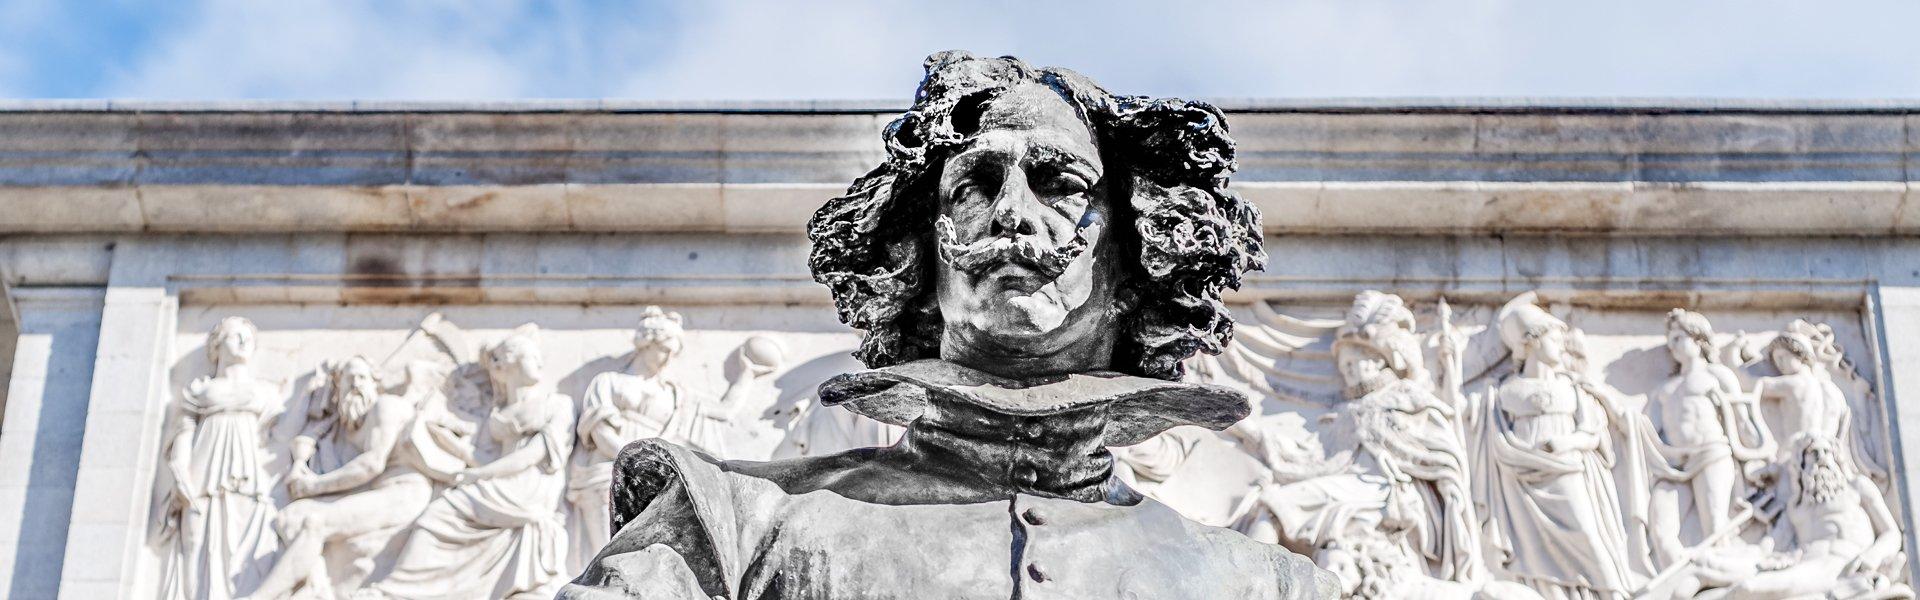 Standbeeld van Velázquez, Spanje